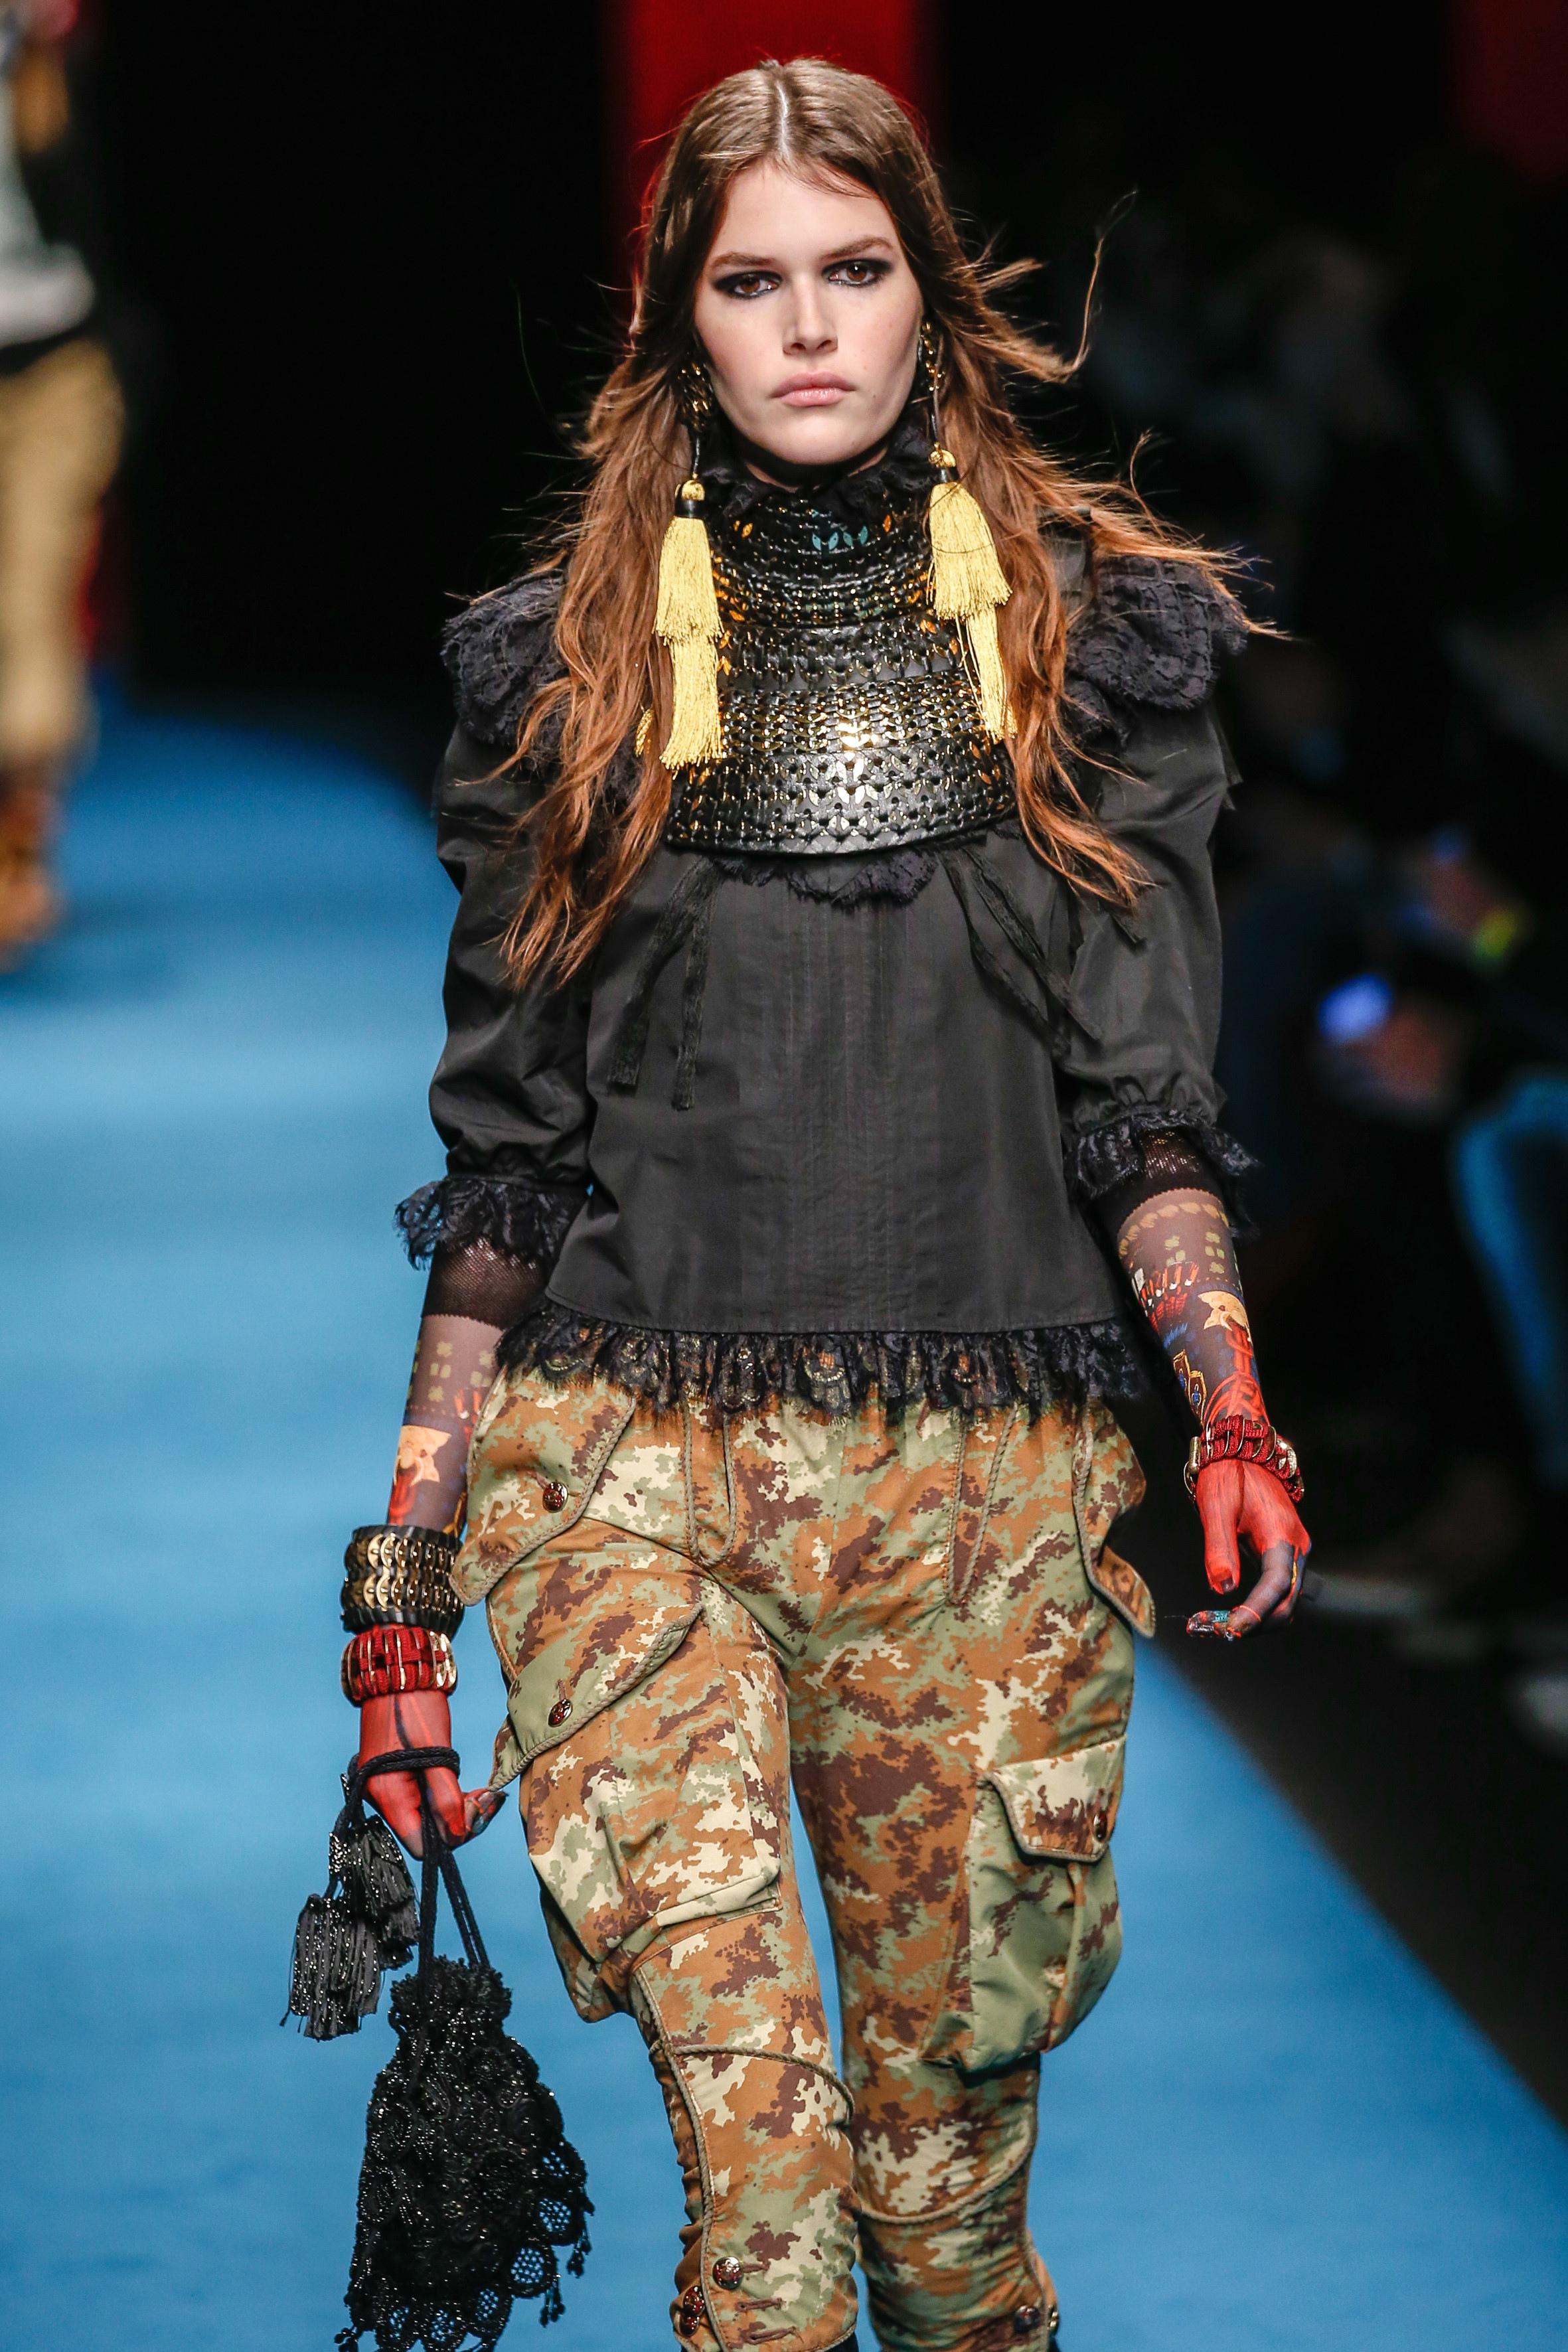 Ein Model trägt Statement-Ohrringe in der Show von DSquared2 während der Milan Fashion Week